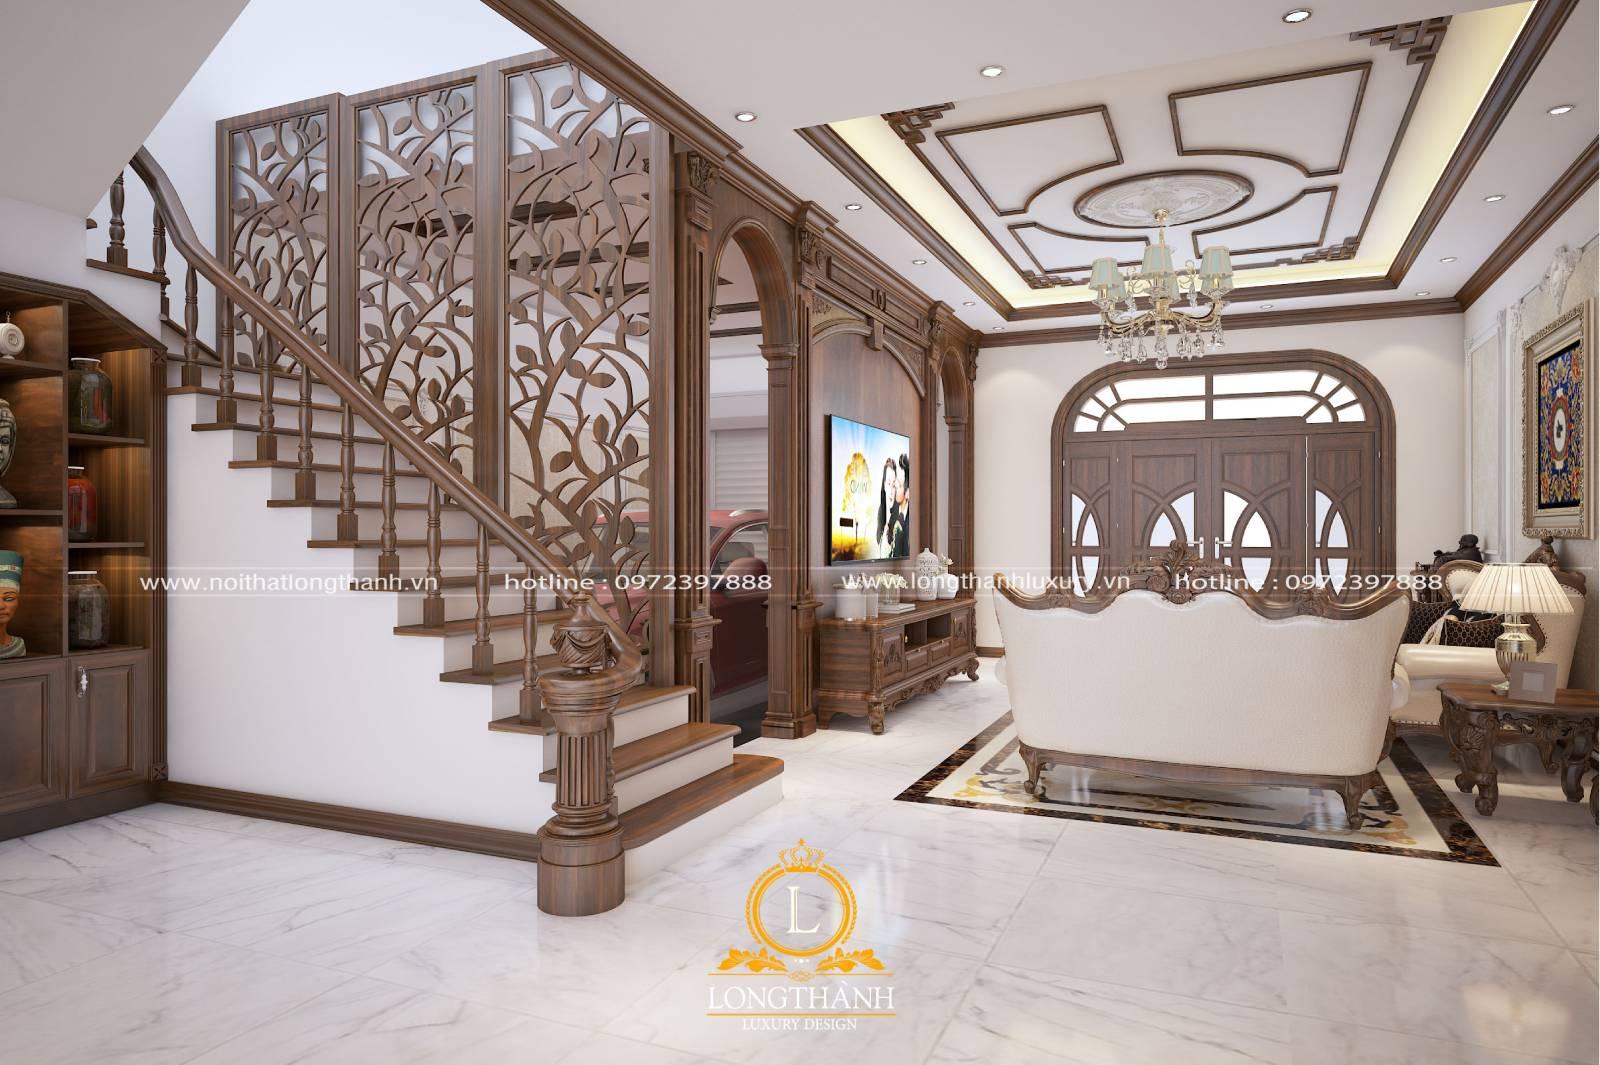 Chiều cao và kích thước bậc cầu thang cần phù hợp với người sử dụng